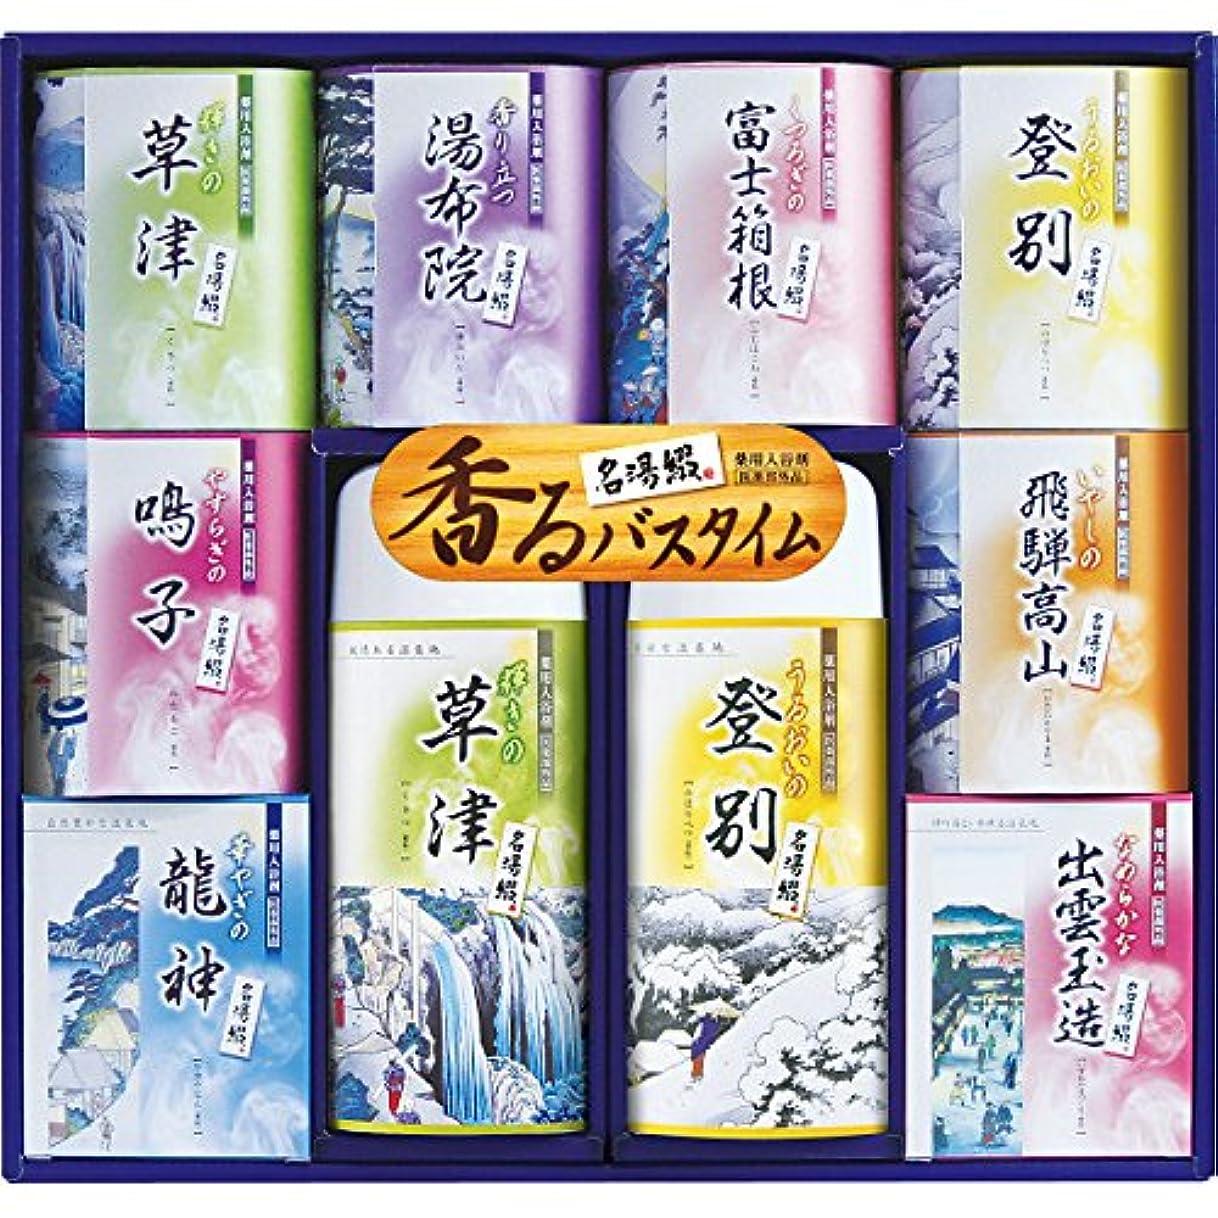 マインドフル審判敬老の日 贈り物 名湯綴入浴剤セット(SD)